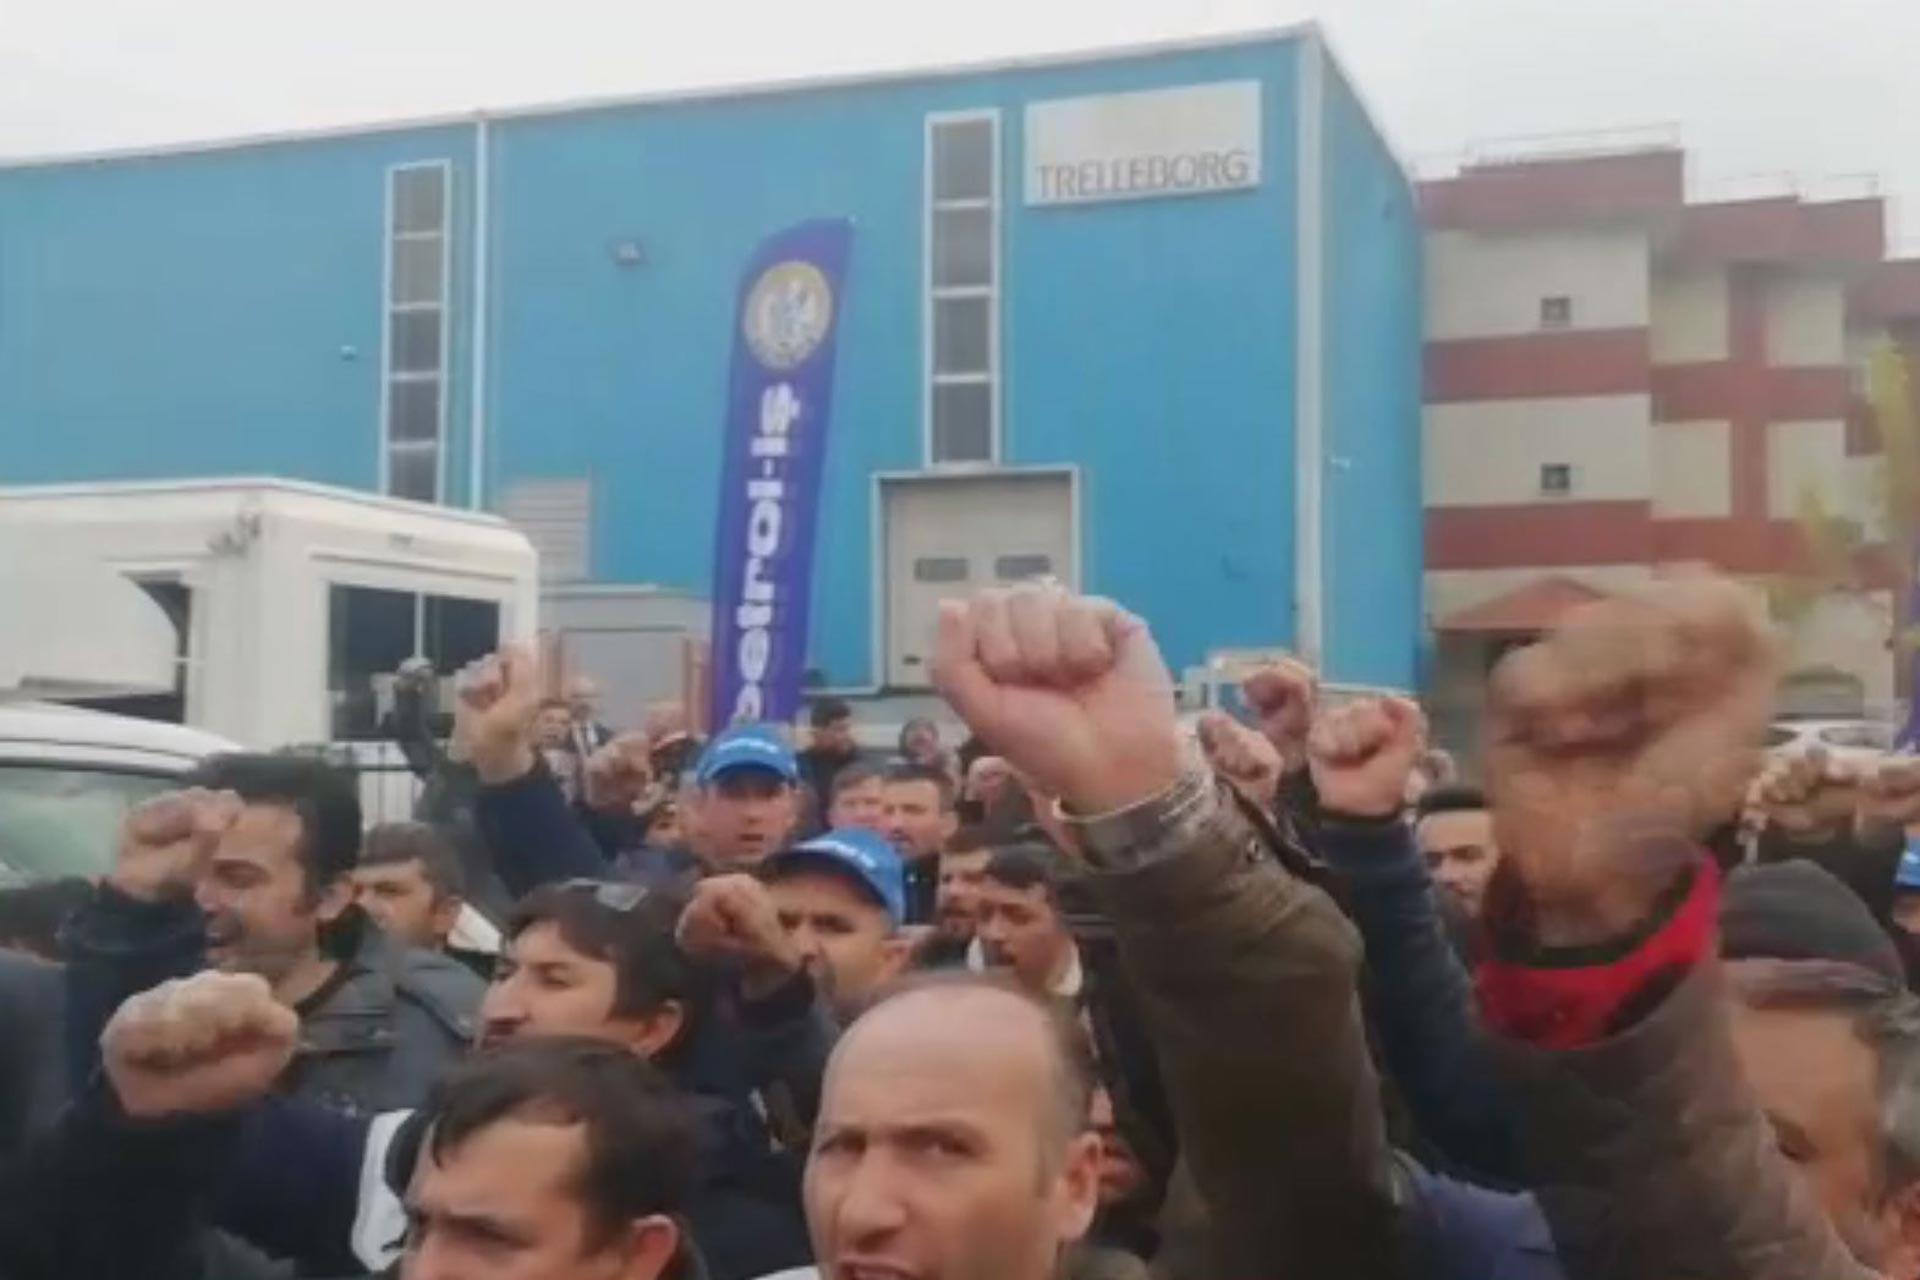 Grevdeki Trelleborg işçilerine yapılan destek ziyareti esnasında slogan atan işçiler